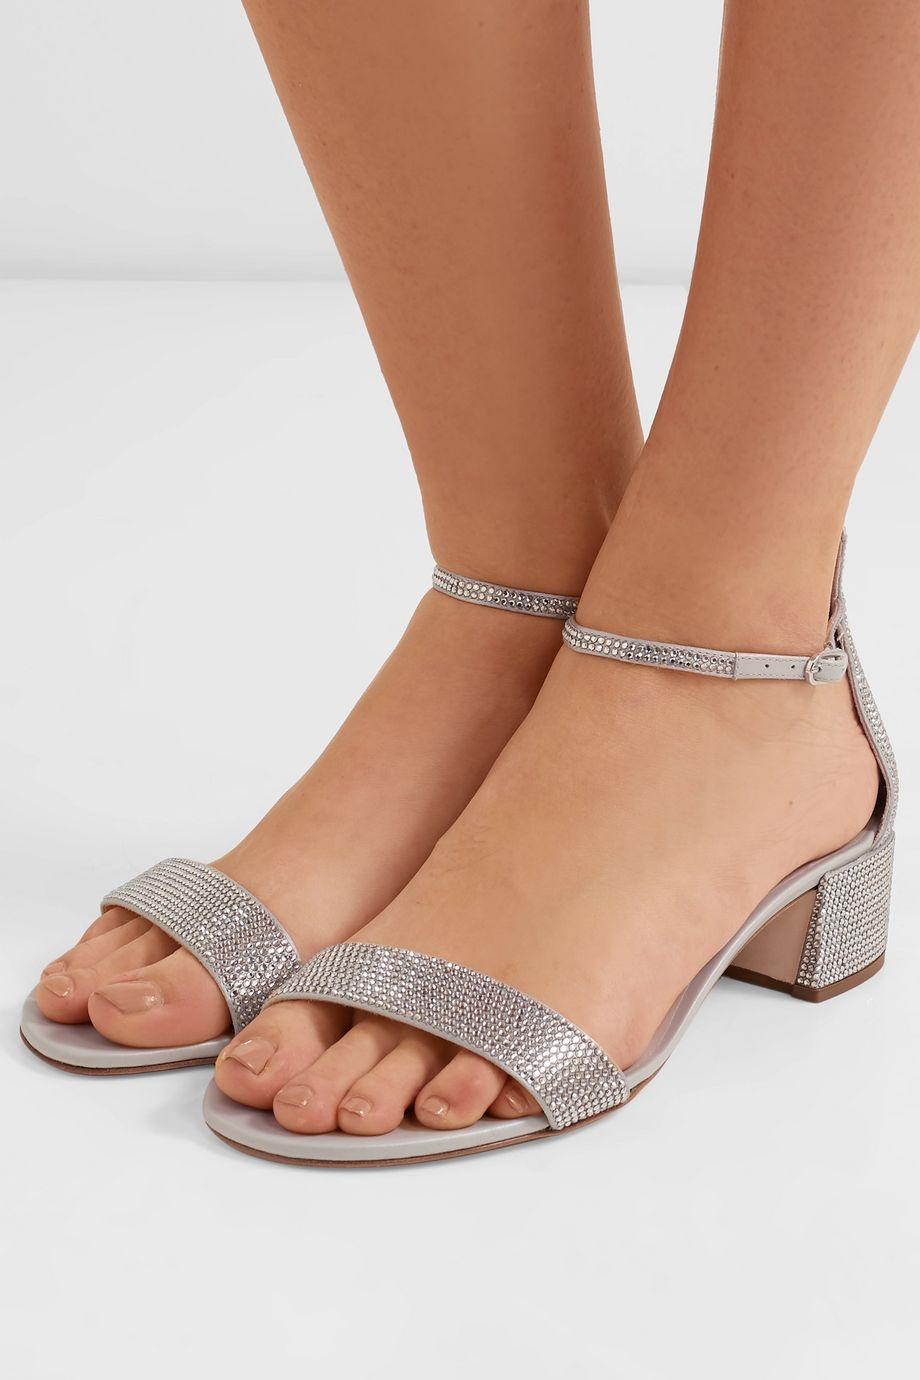 René Caovilla Celebrita crystal-embellished leather sandals